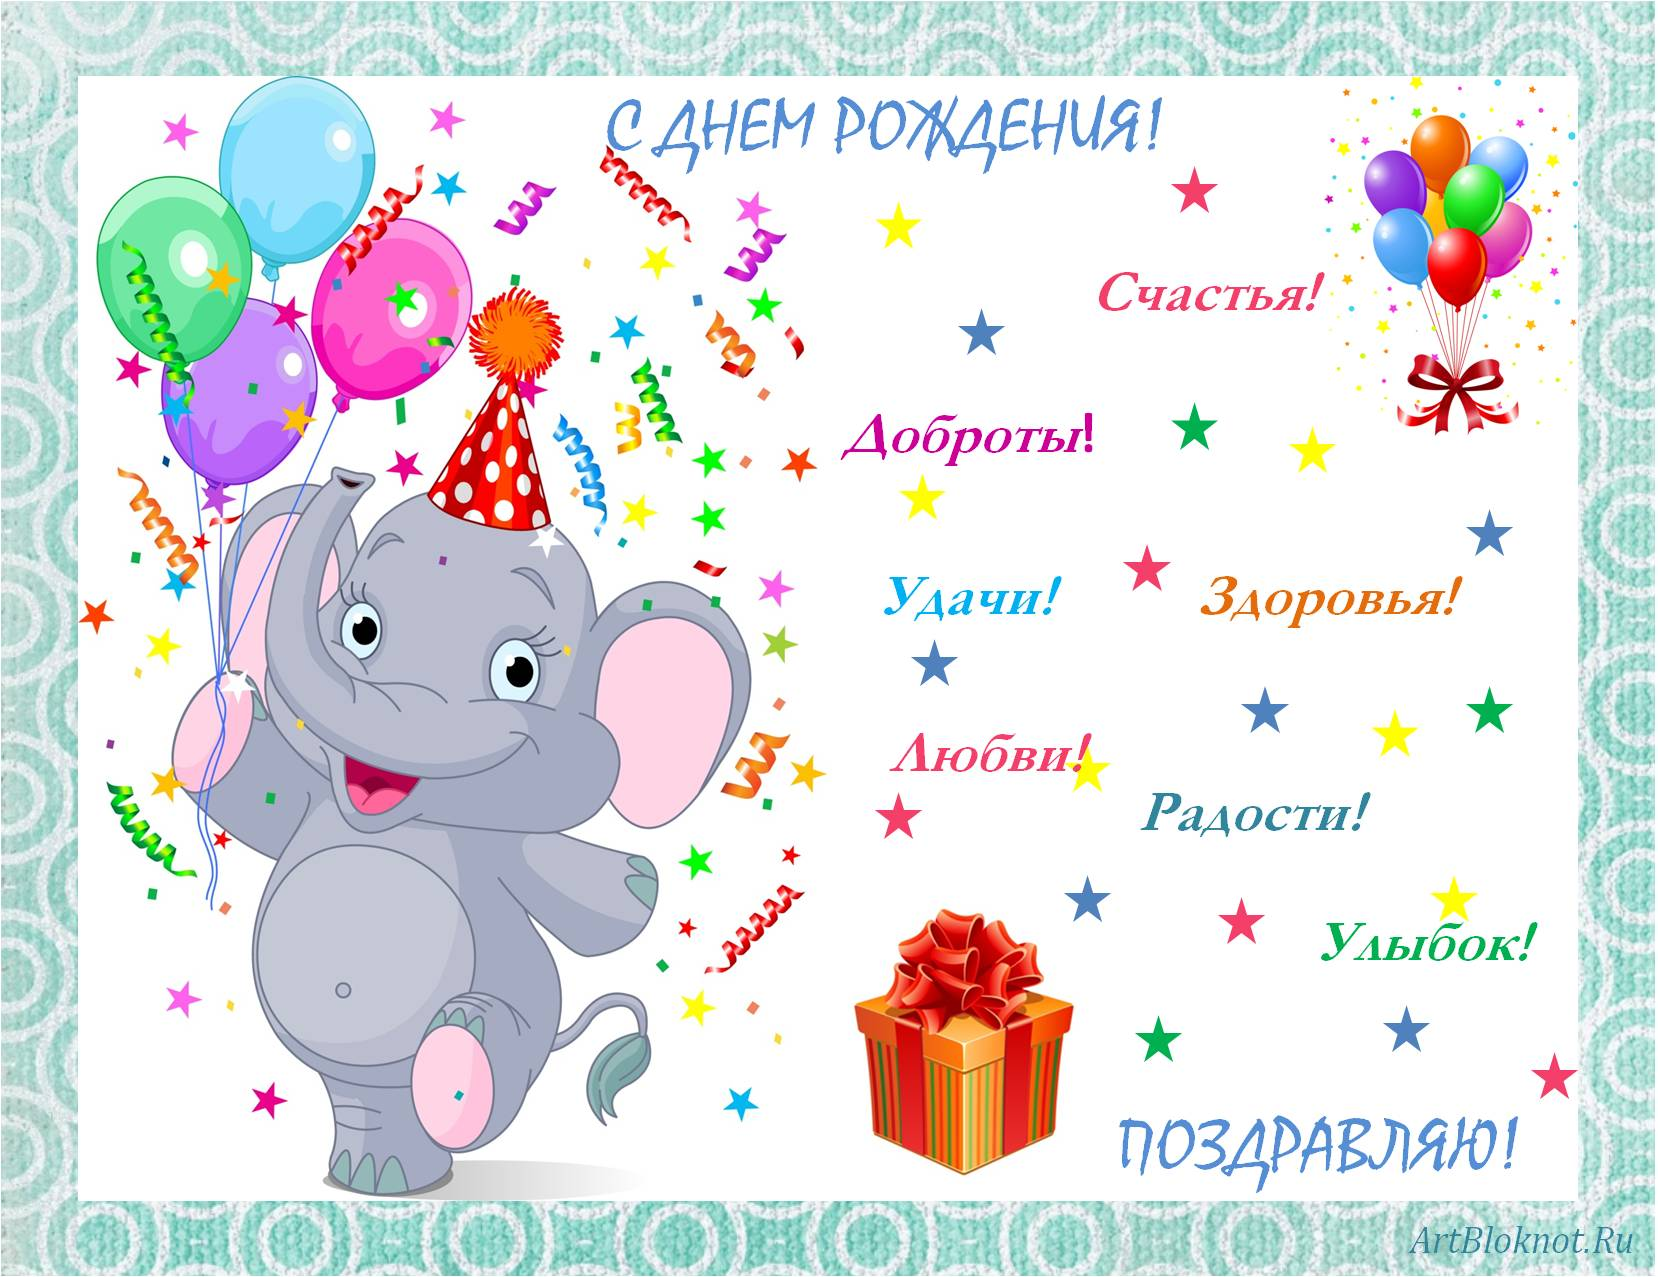 Поздравления с днем рождения 1 сентября девочке фото 248